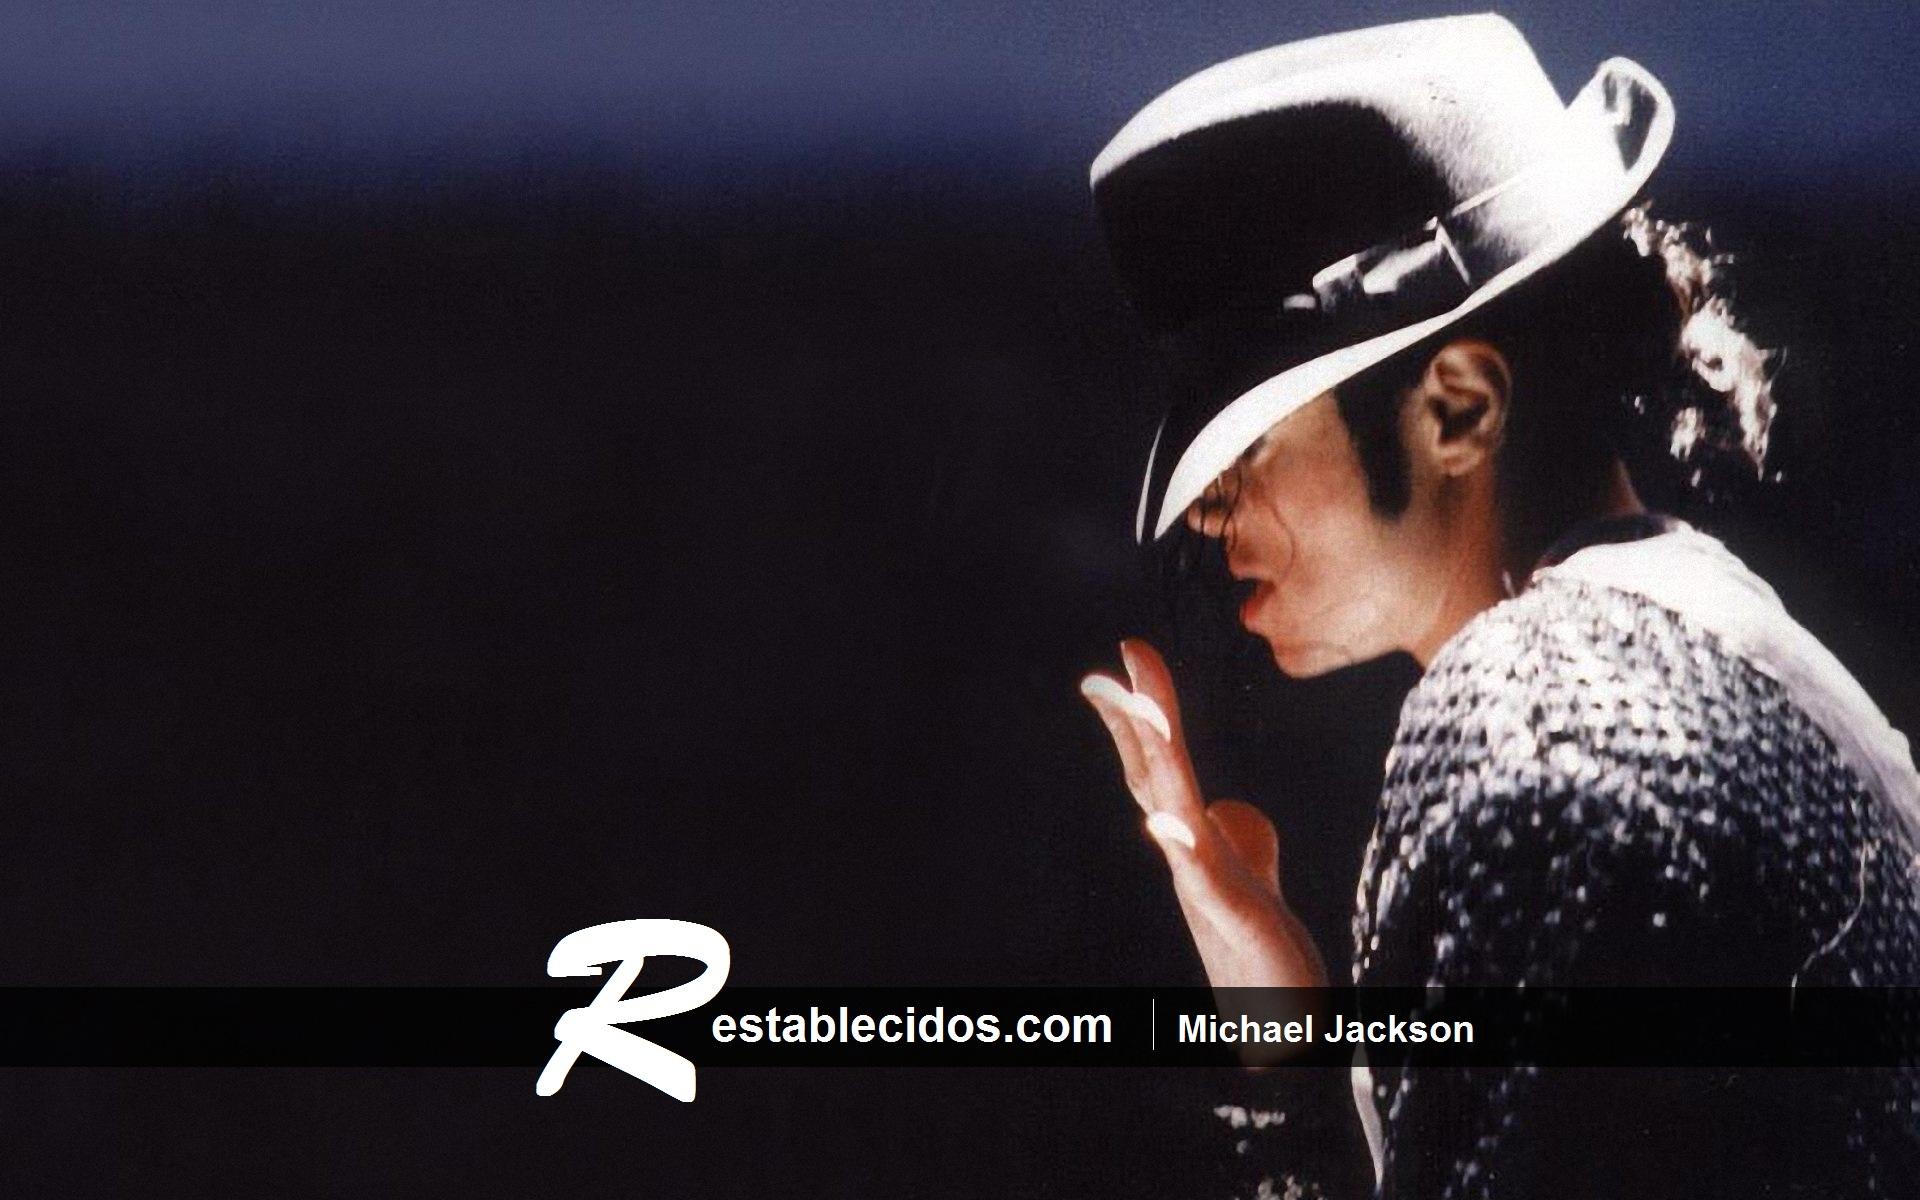 La gran idolatría hacia Michael Jackson